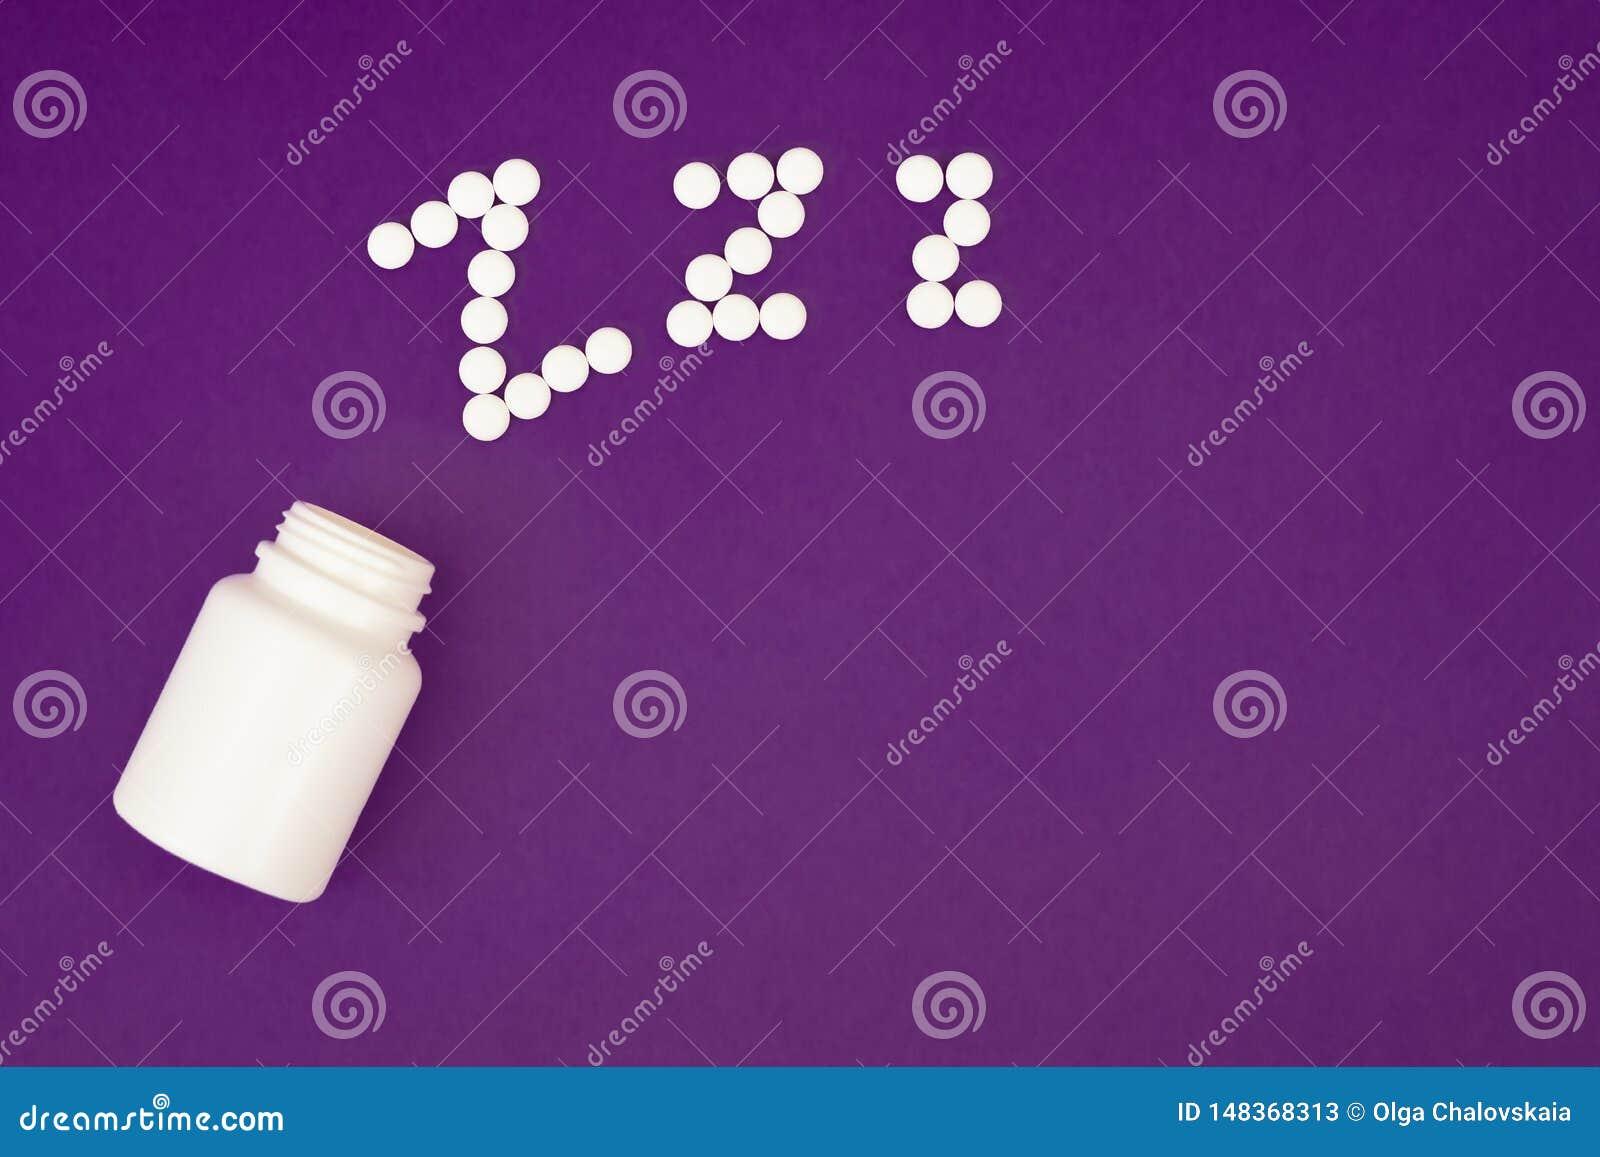 Le zzz d inscription a fait ? partir des pilules blanches d?bordant la bouteille de pilule sur le fond violet